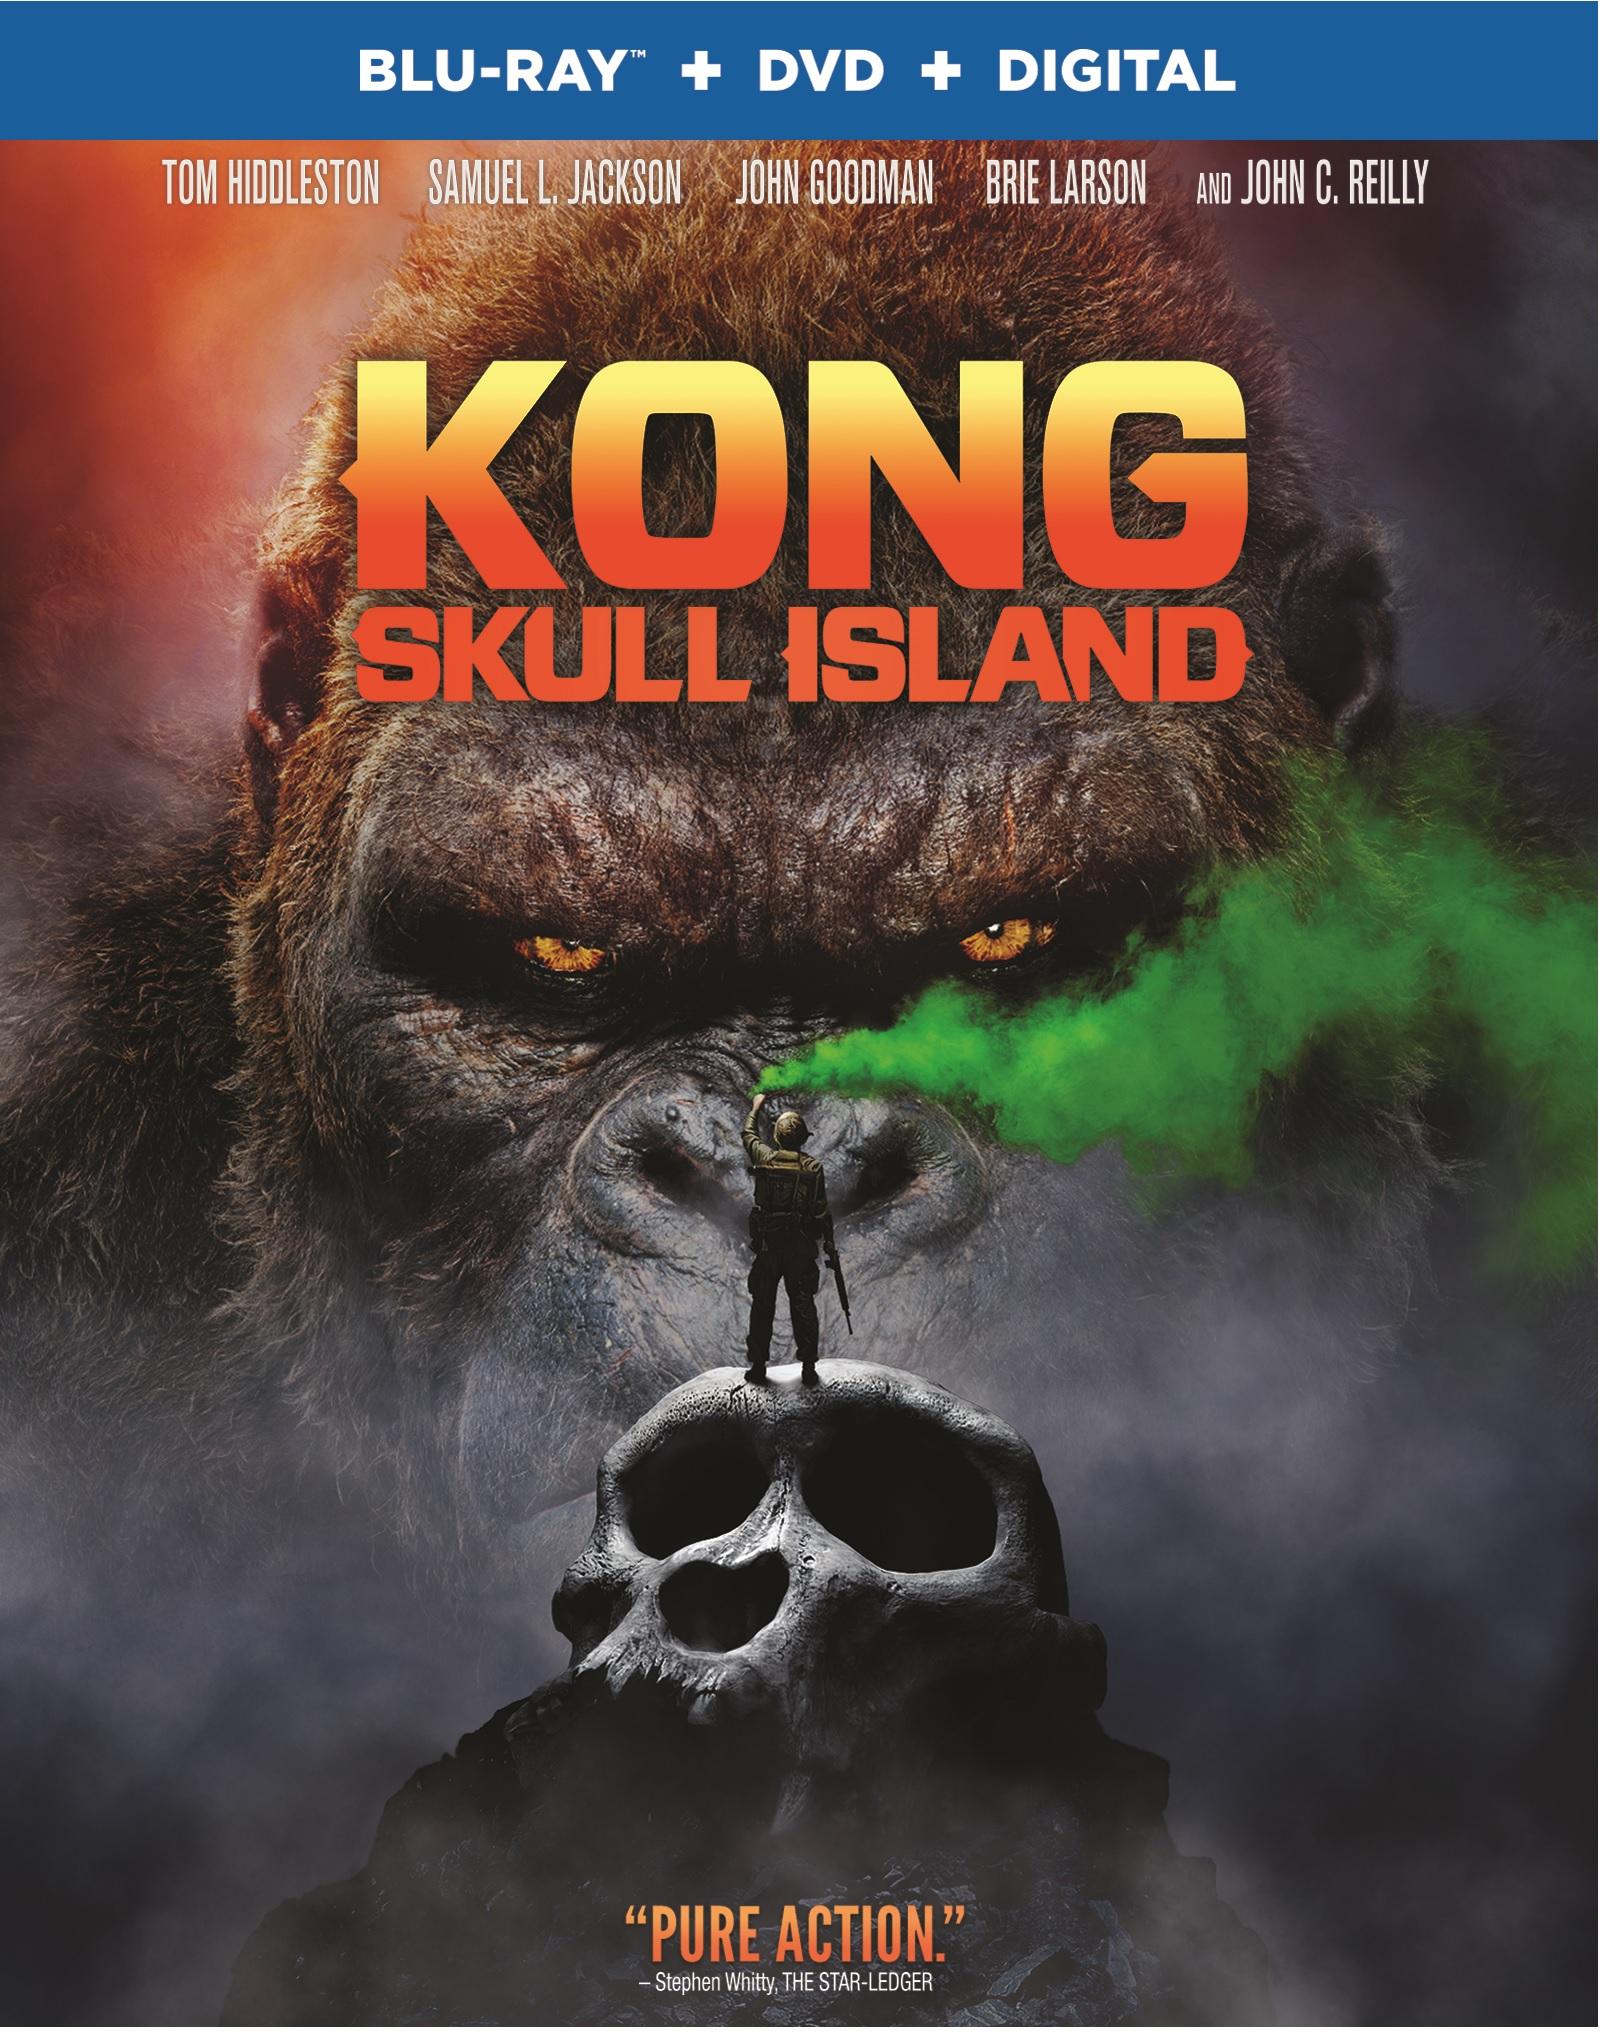 Kong Skull Island Blu-ray